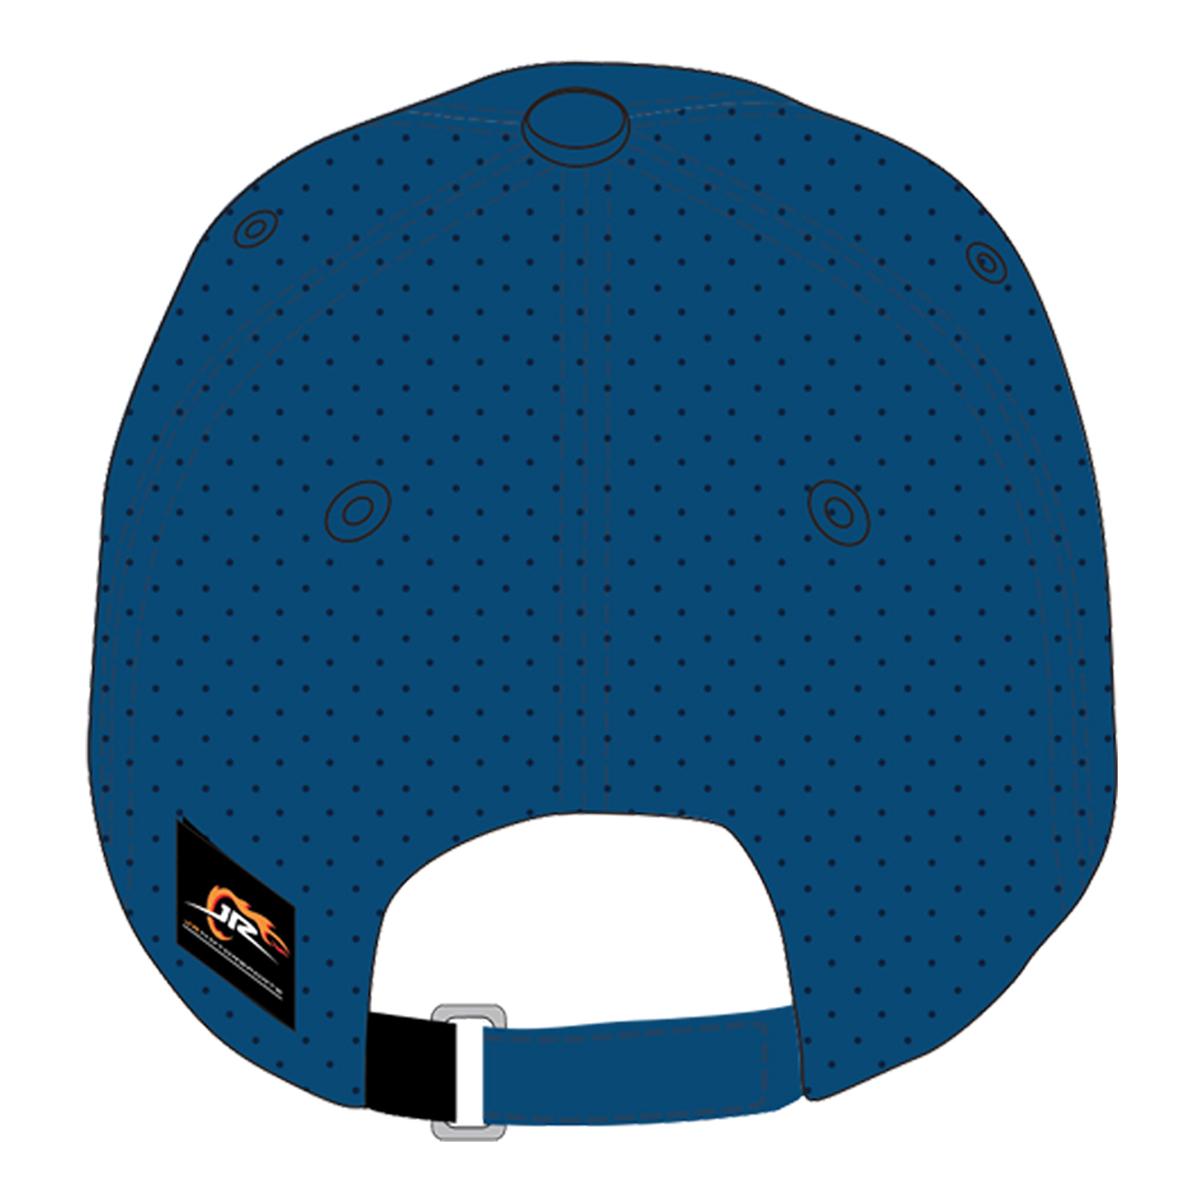 JRM 2019 Royal Stylized #8 Hat